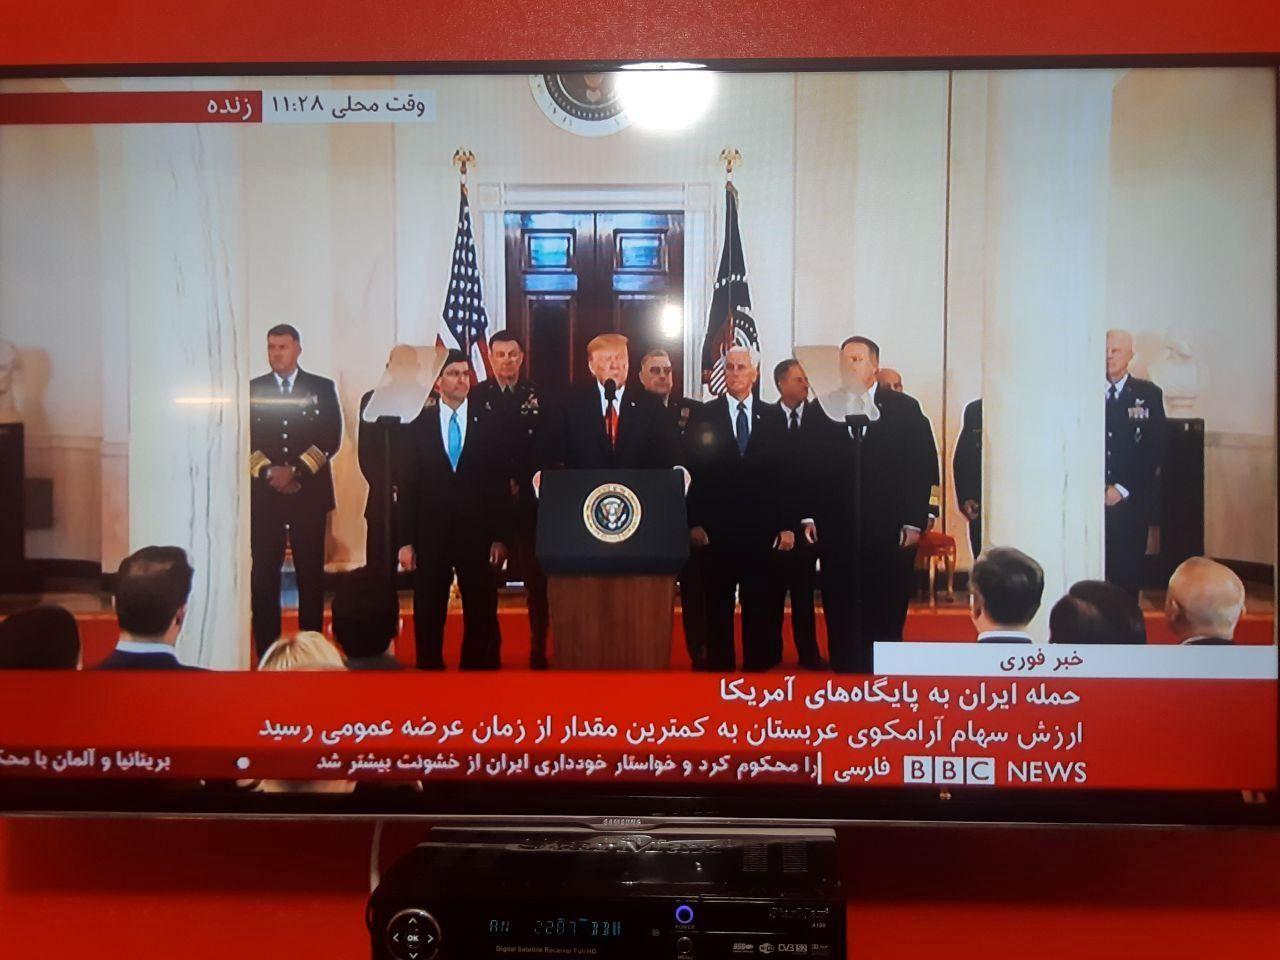 ترامپ: توانستیم به موقع سربازان خود را از حملات سپاه نجات دهیم /به تلاش برای رسیدن به توافقی با ایران ادامه میدهیم /نیازی به نفت خاورمیانه نداریم /موشک های مرگبار داریم اما استفاده نمی کنیم/ما دوست داریم با همه کشورهایی که خواستار صلح هستند همکاری کنیم